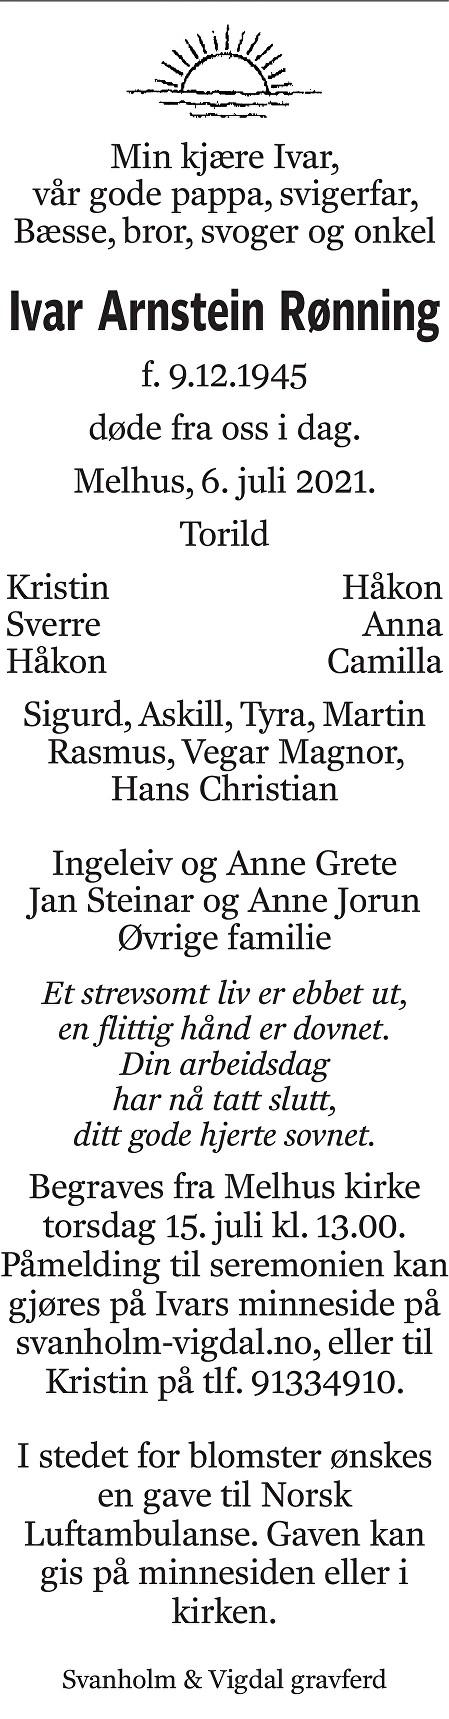 Ivar Arnstein Rønning Dødsannonse